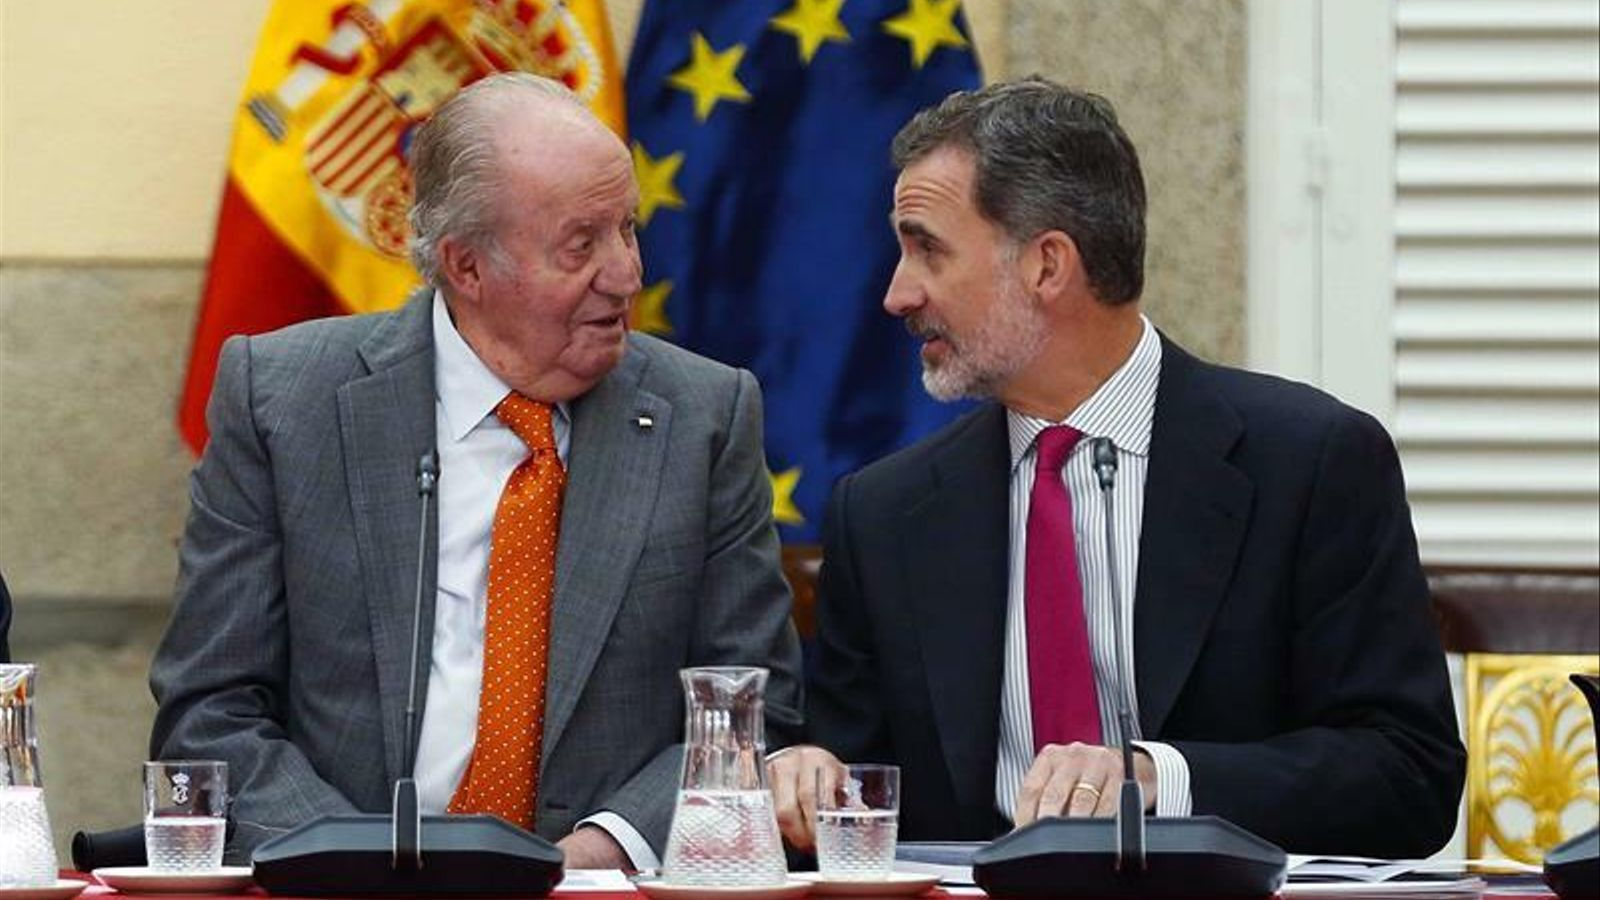 El rei Felip VI 'castiga' Joan Carles I i li retira l'assignació econòmica pels escàndols de corrupció